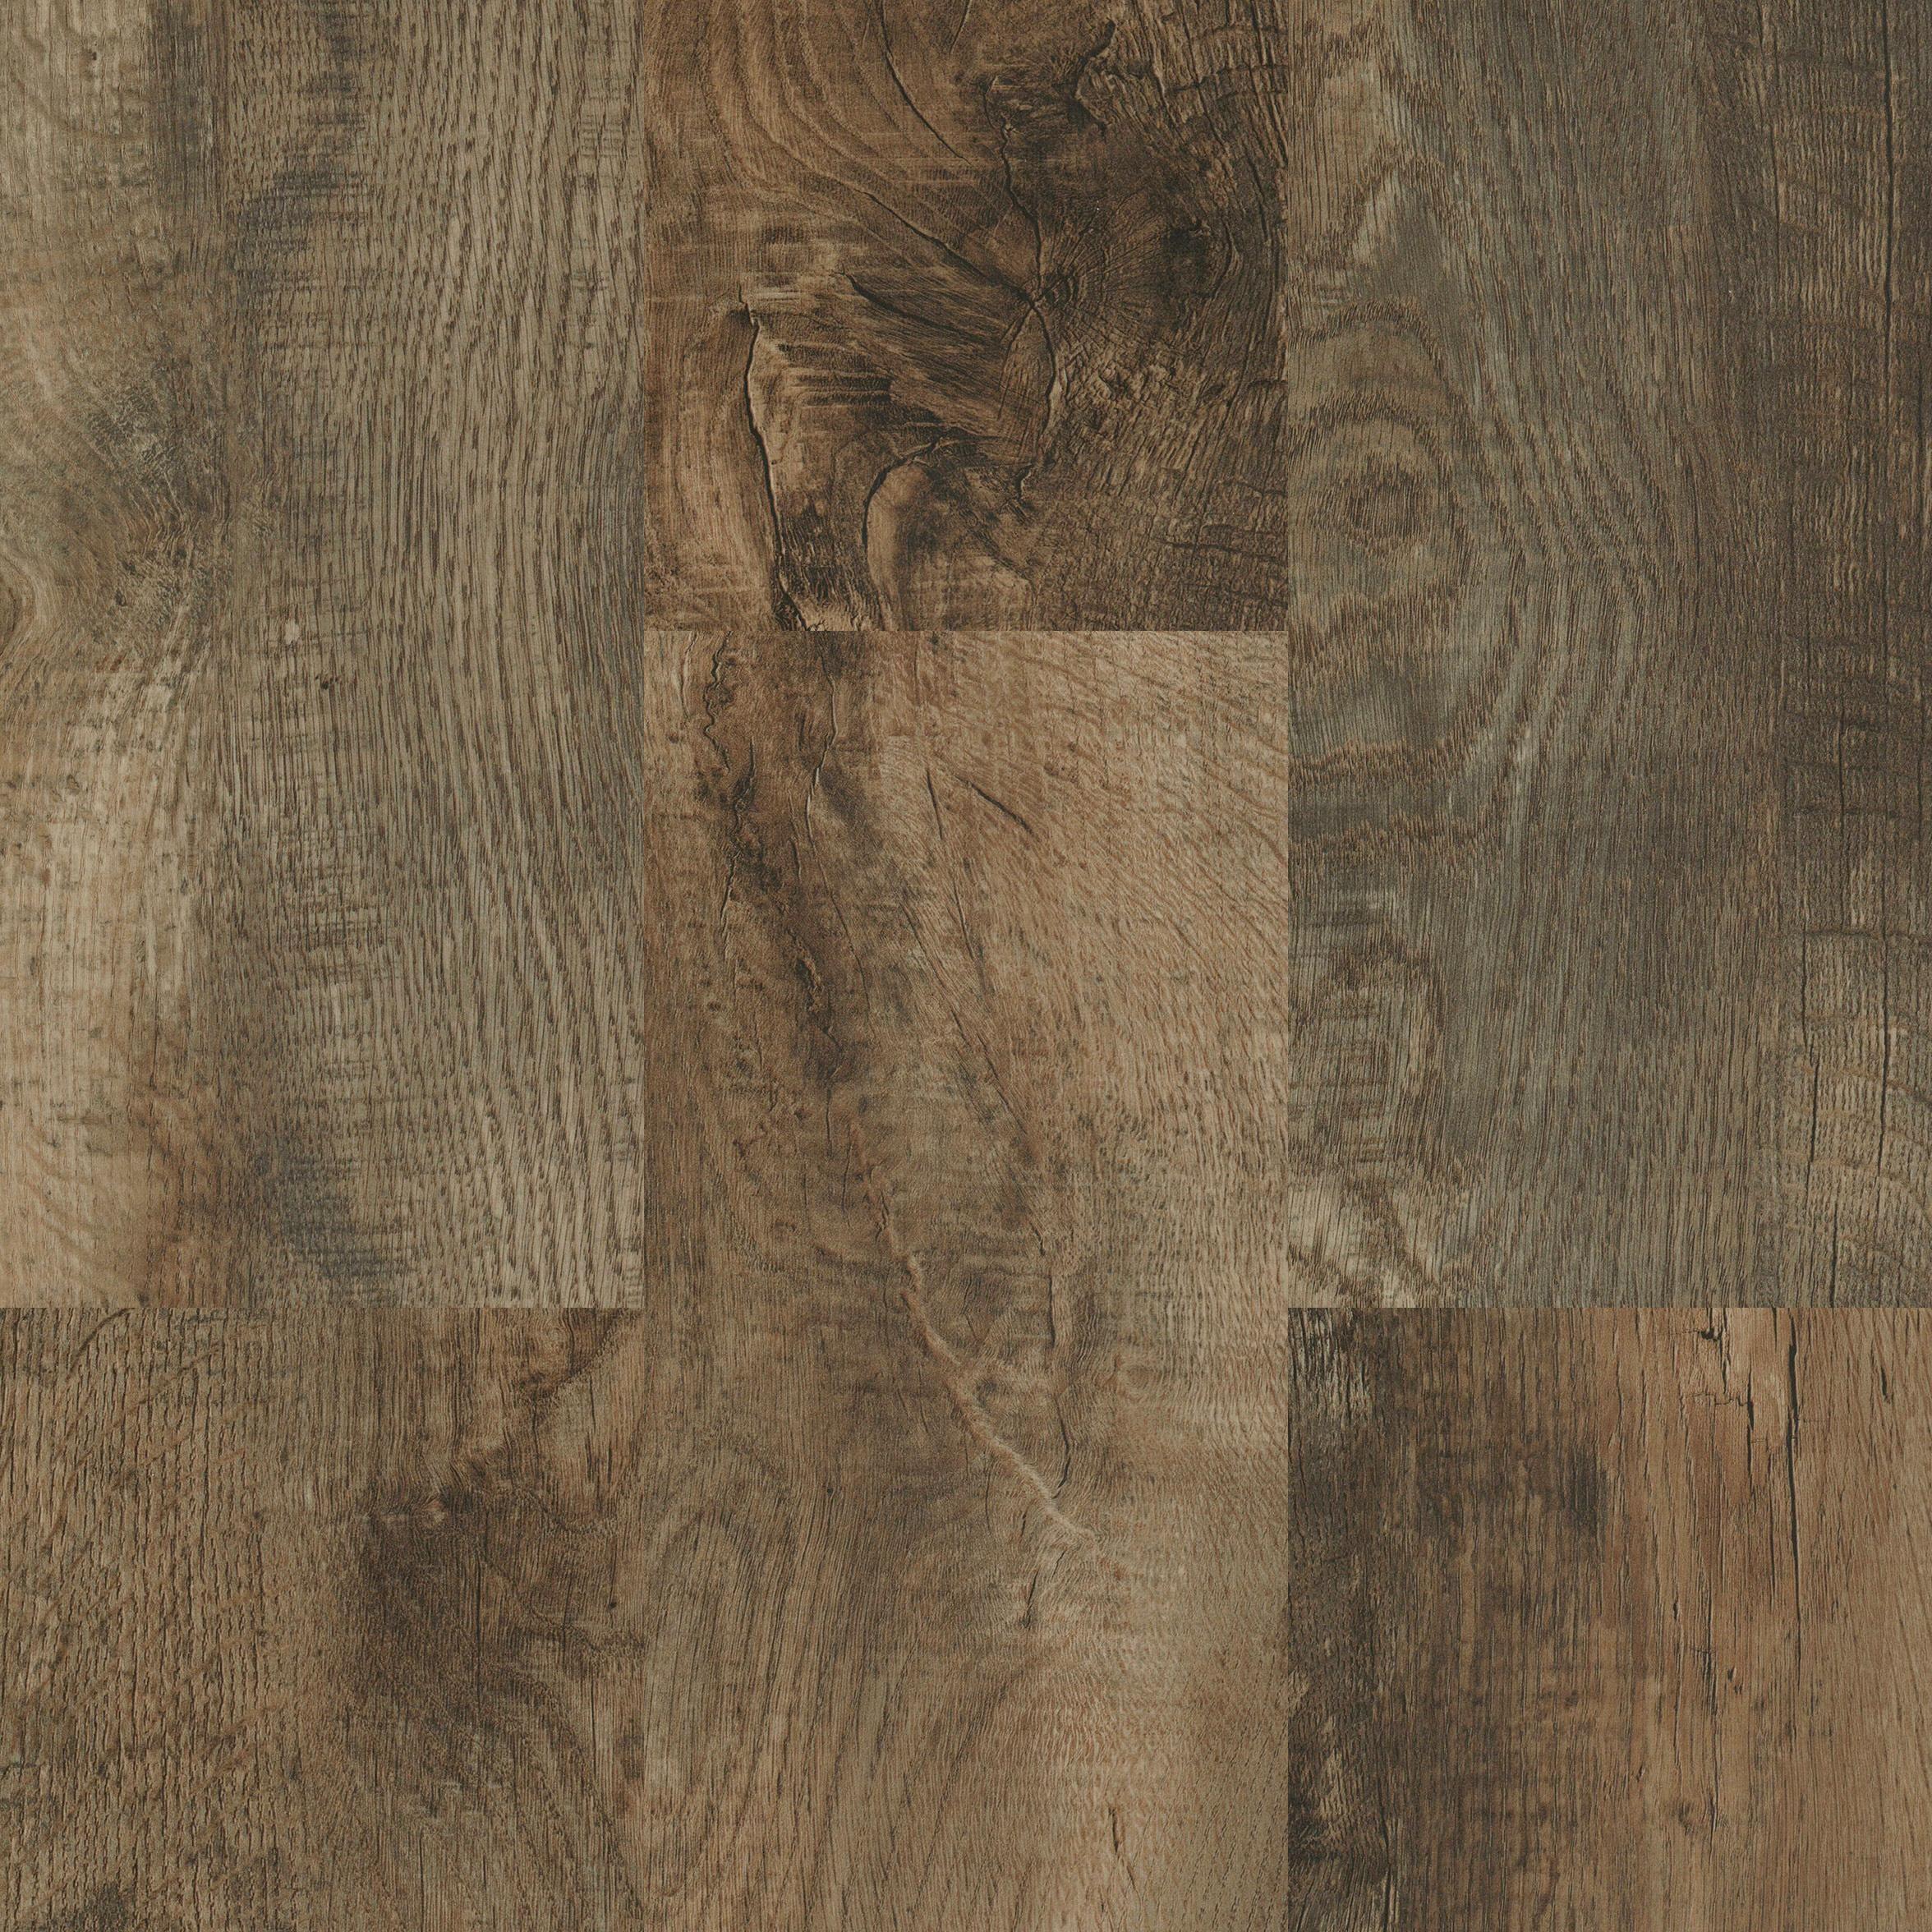 Ivc Distressed Barn Oak Waterproof Luxury Vinyl Plank Flooring